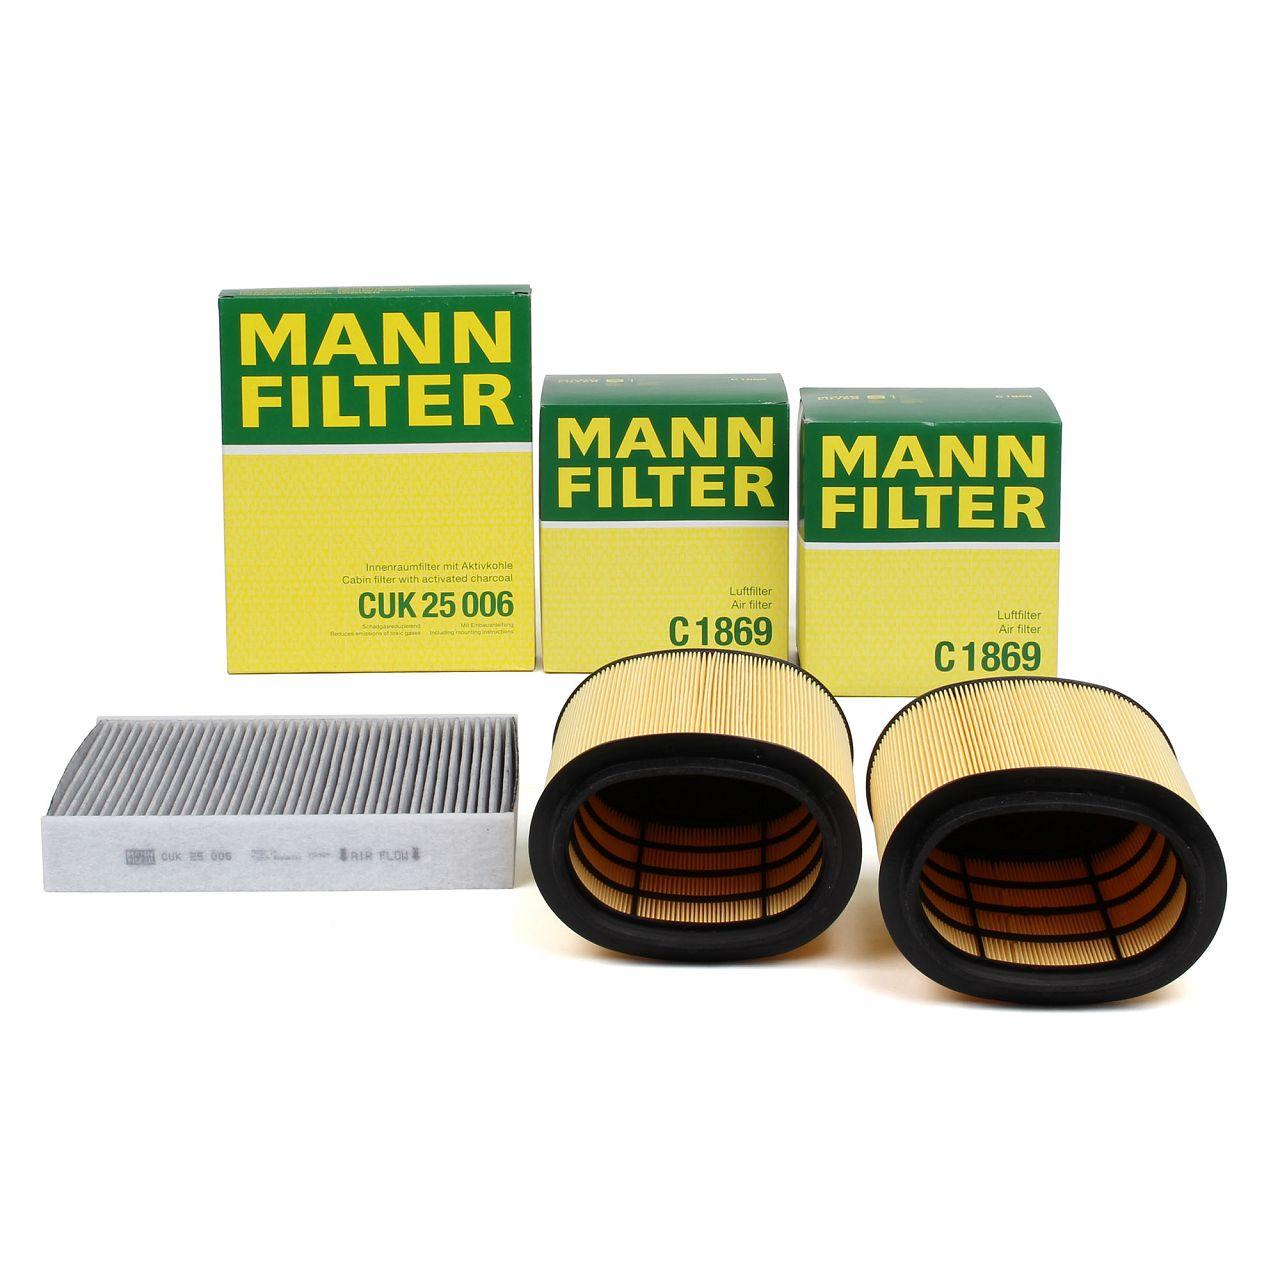 MANN Filterset für PORSCHE 911 (991) 3.4 Carrera 350 PS + 3.8 Carrera S 400 PS